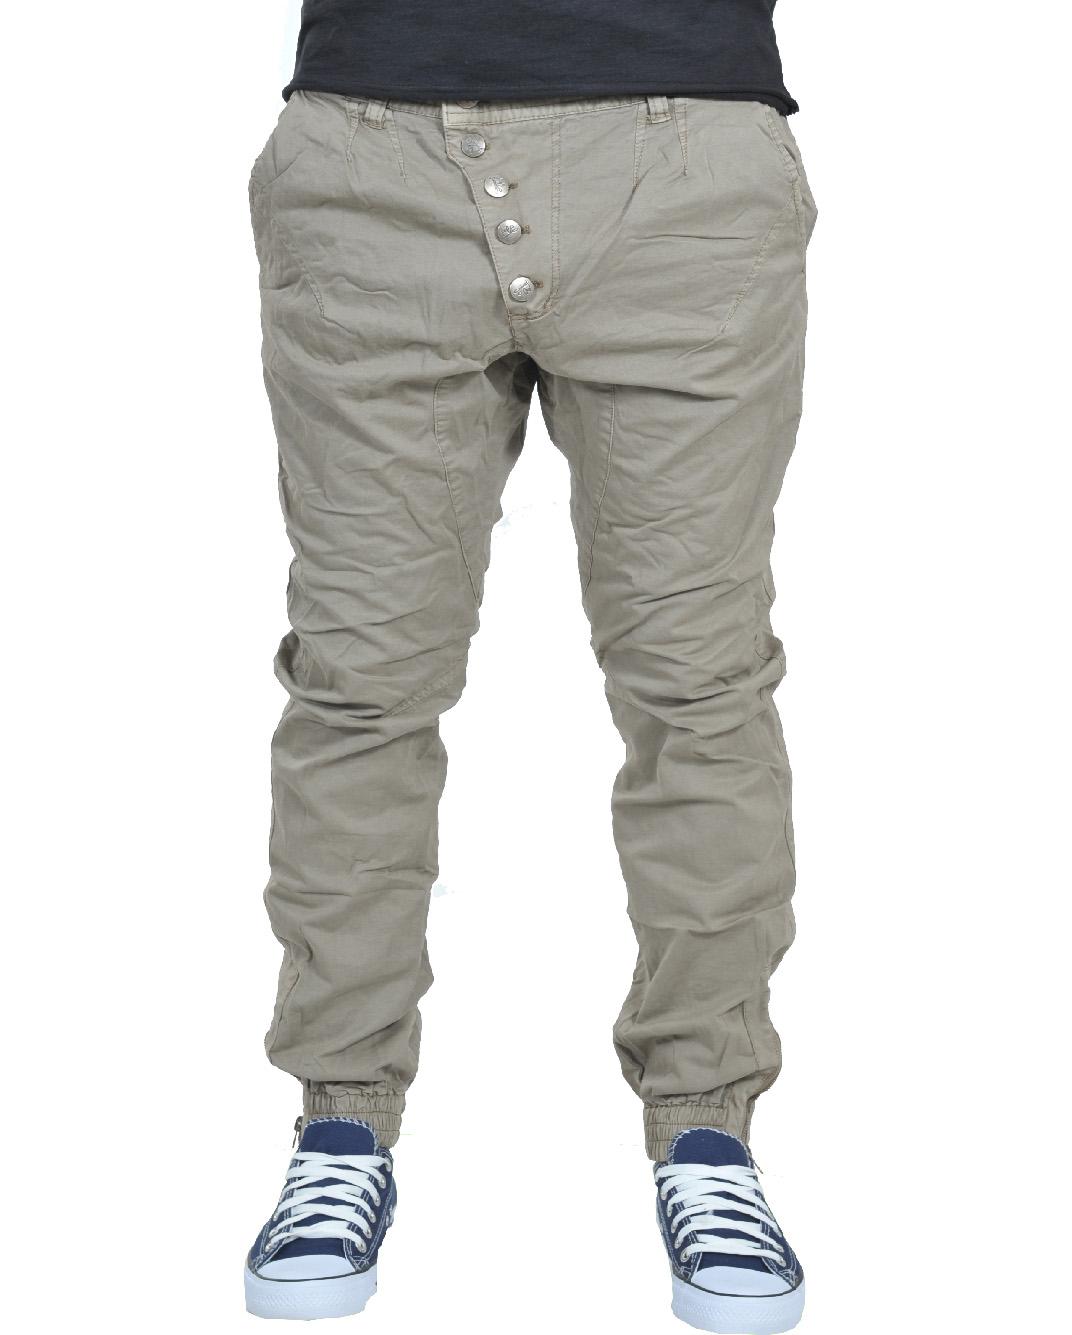 Ανδρικό Chino Παντελόνι Beize Crook Rip-Μπεζ αρχική ανδρικά ρούχα παντελόνια chinos